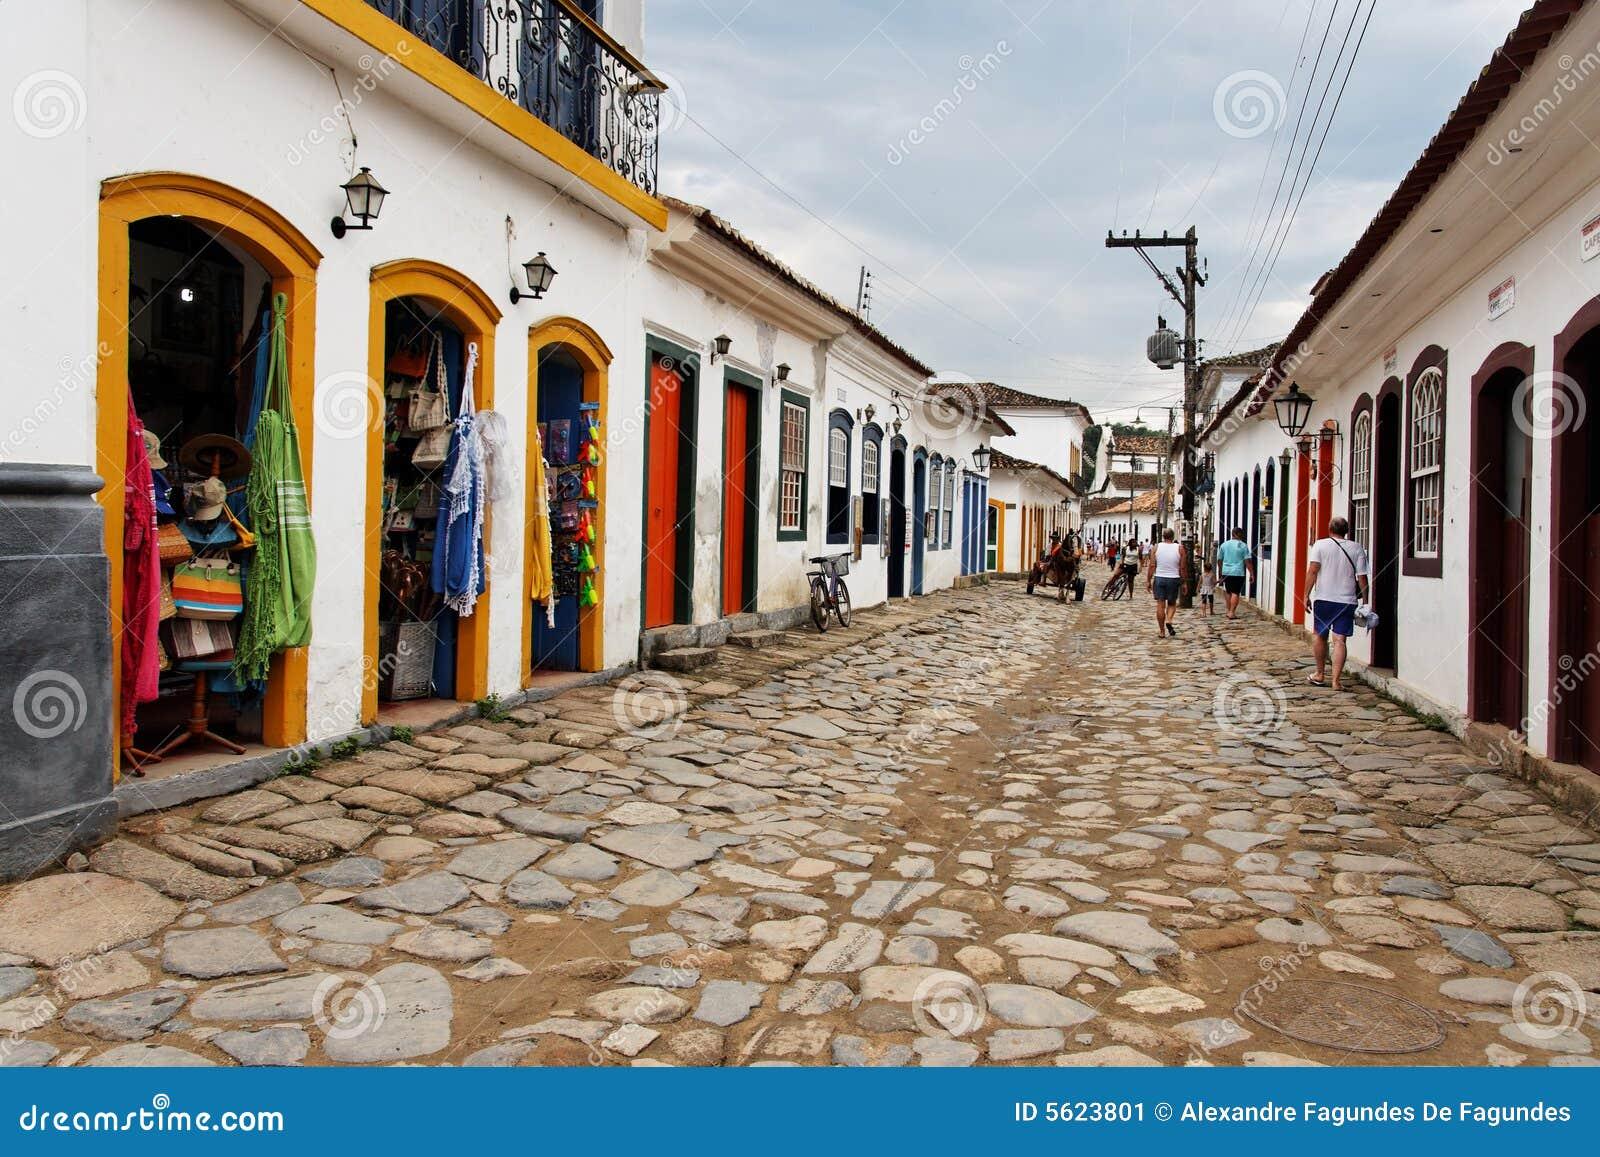 Janeiro paraty rio de здания историческое